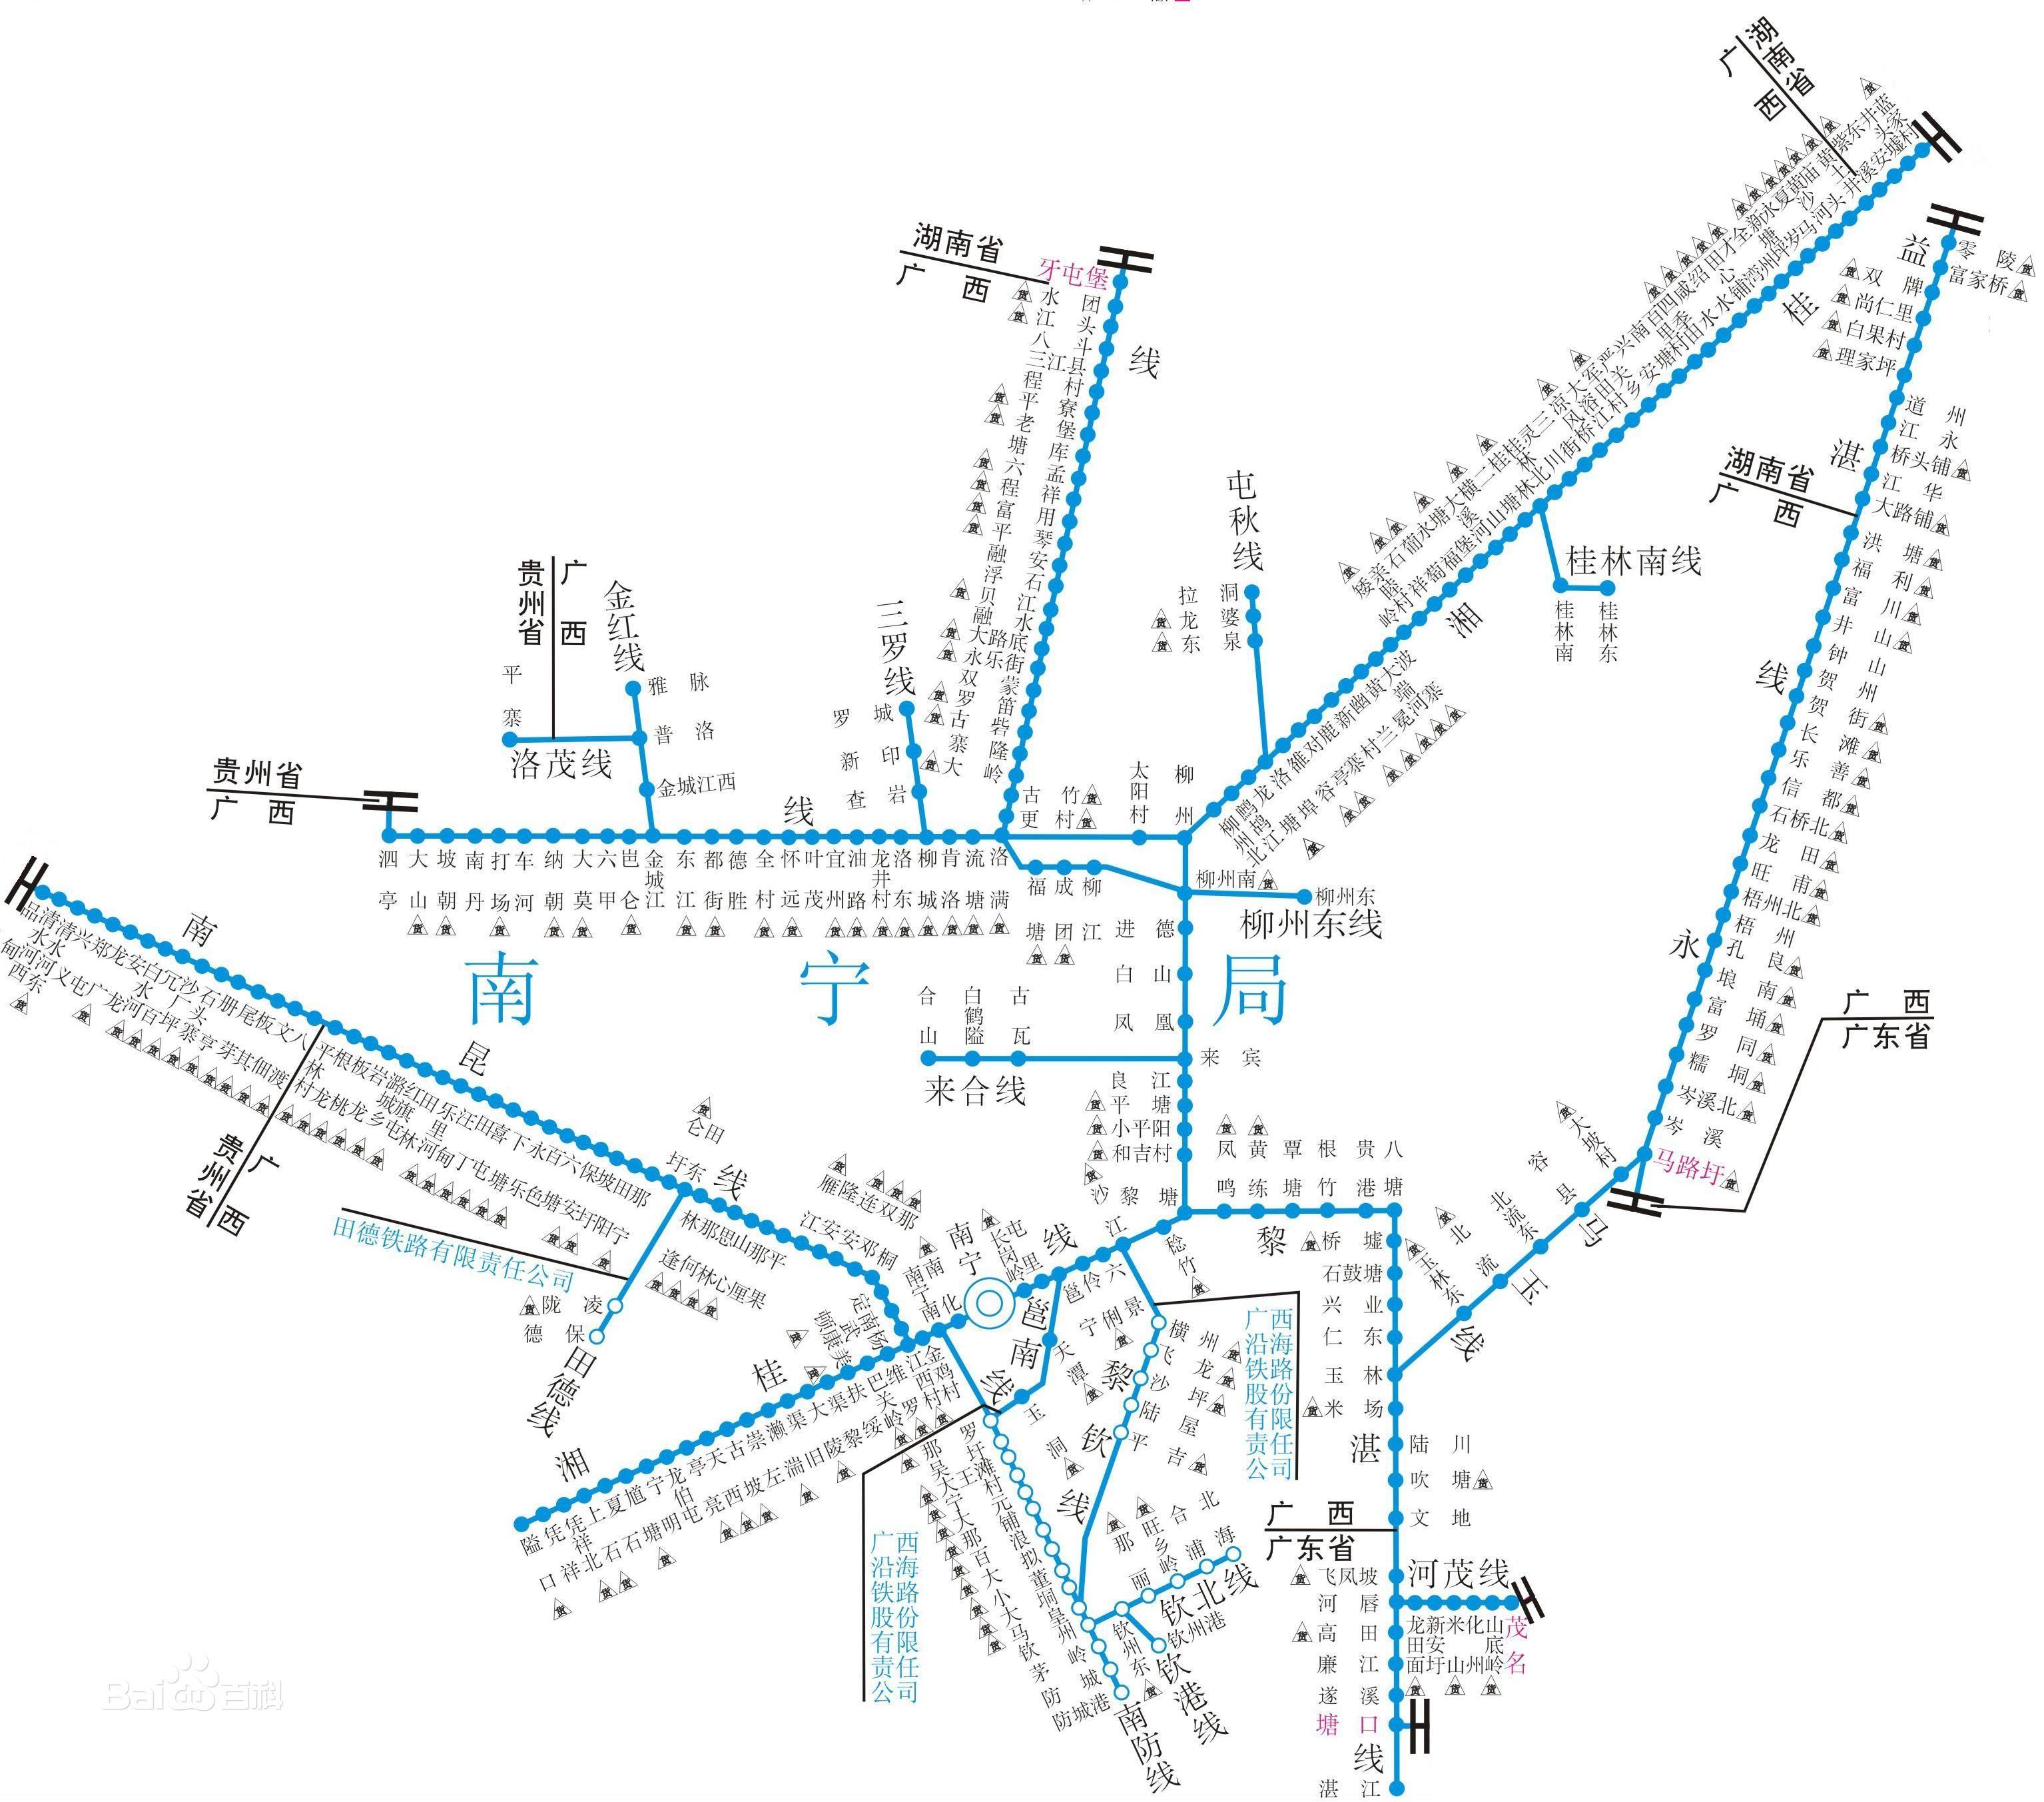 南宁铁路局 - 世界轨道交通资讯网-世界轨道行业排名